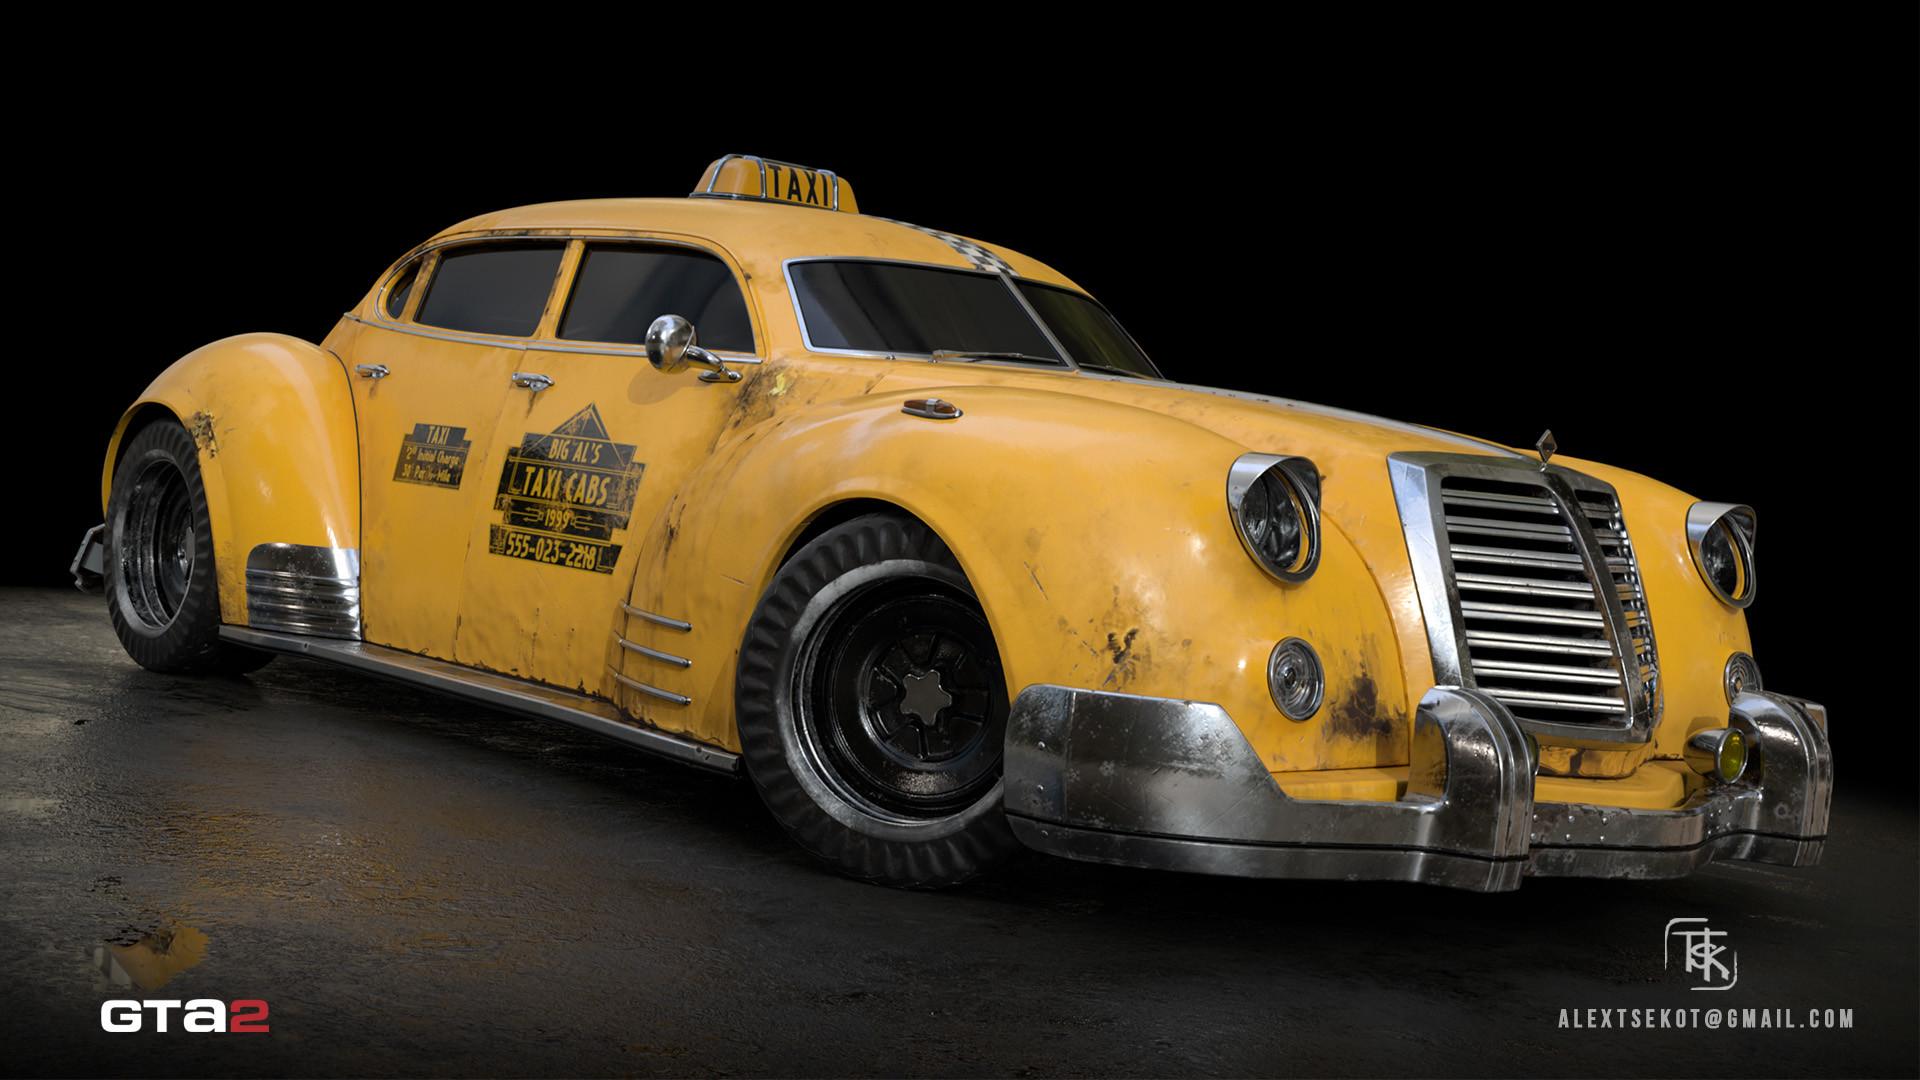 Alex tsekot taxi xpress 1